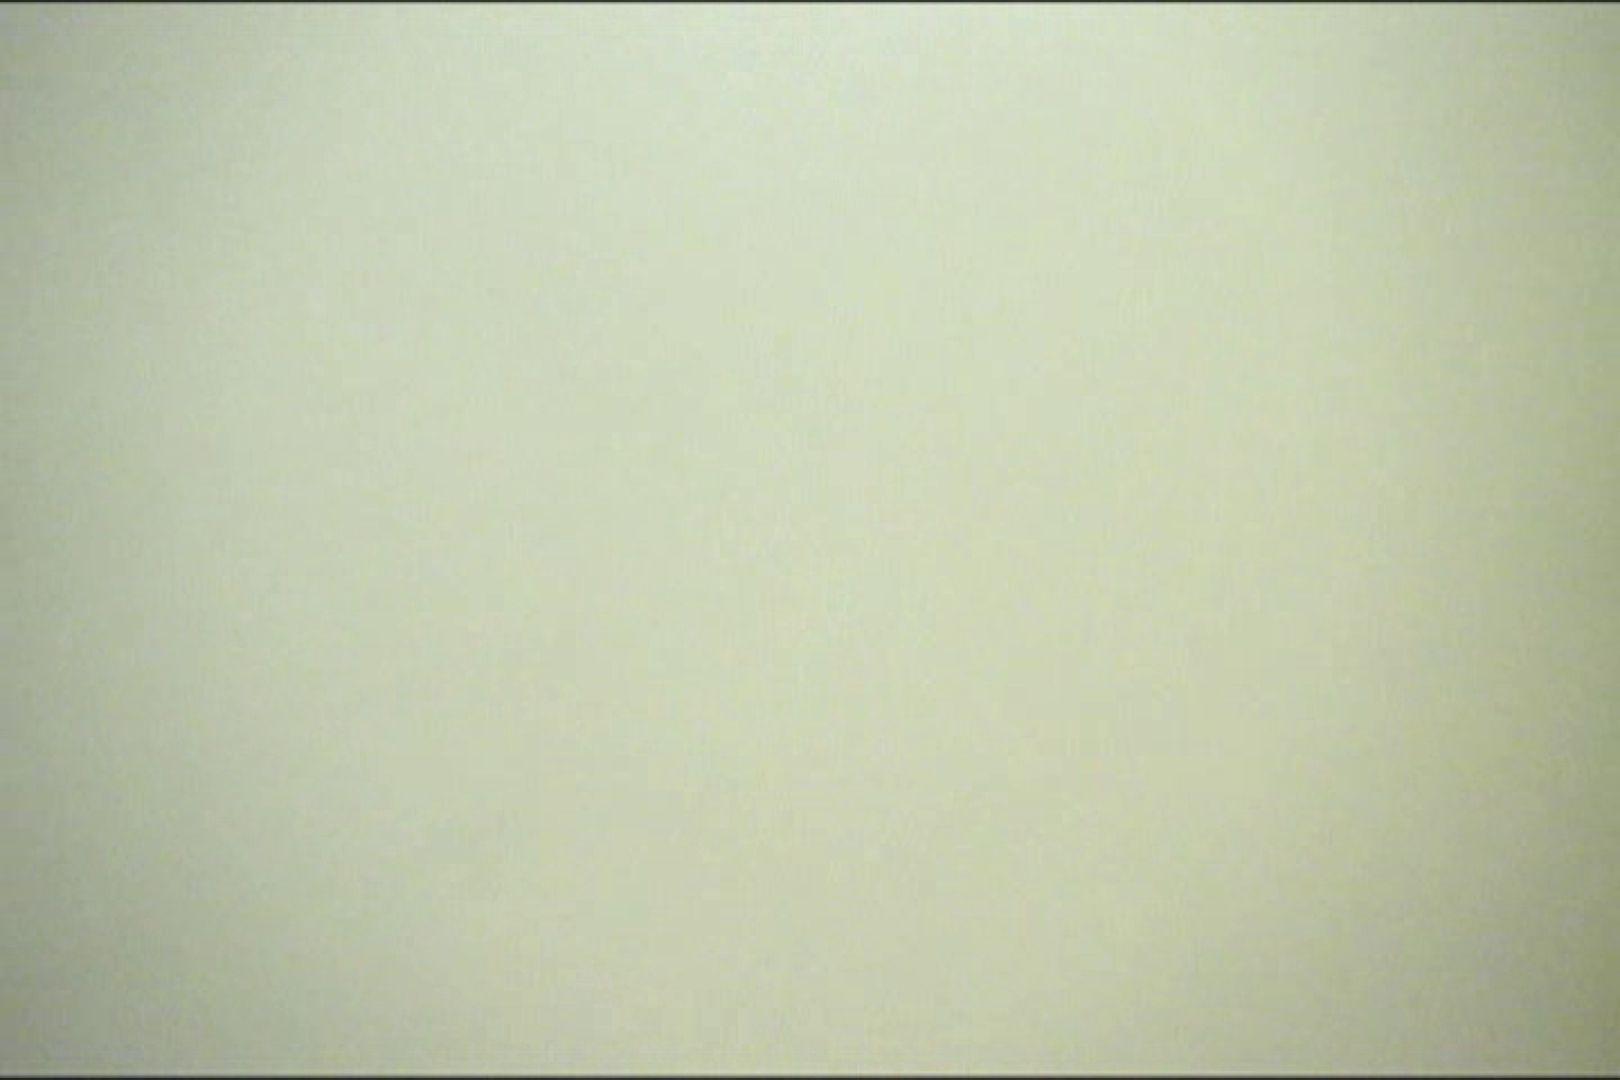 マンコ丸見え女子洗面所Vol.18 マンコ | ギャル  102pic 51